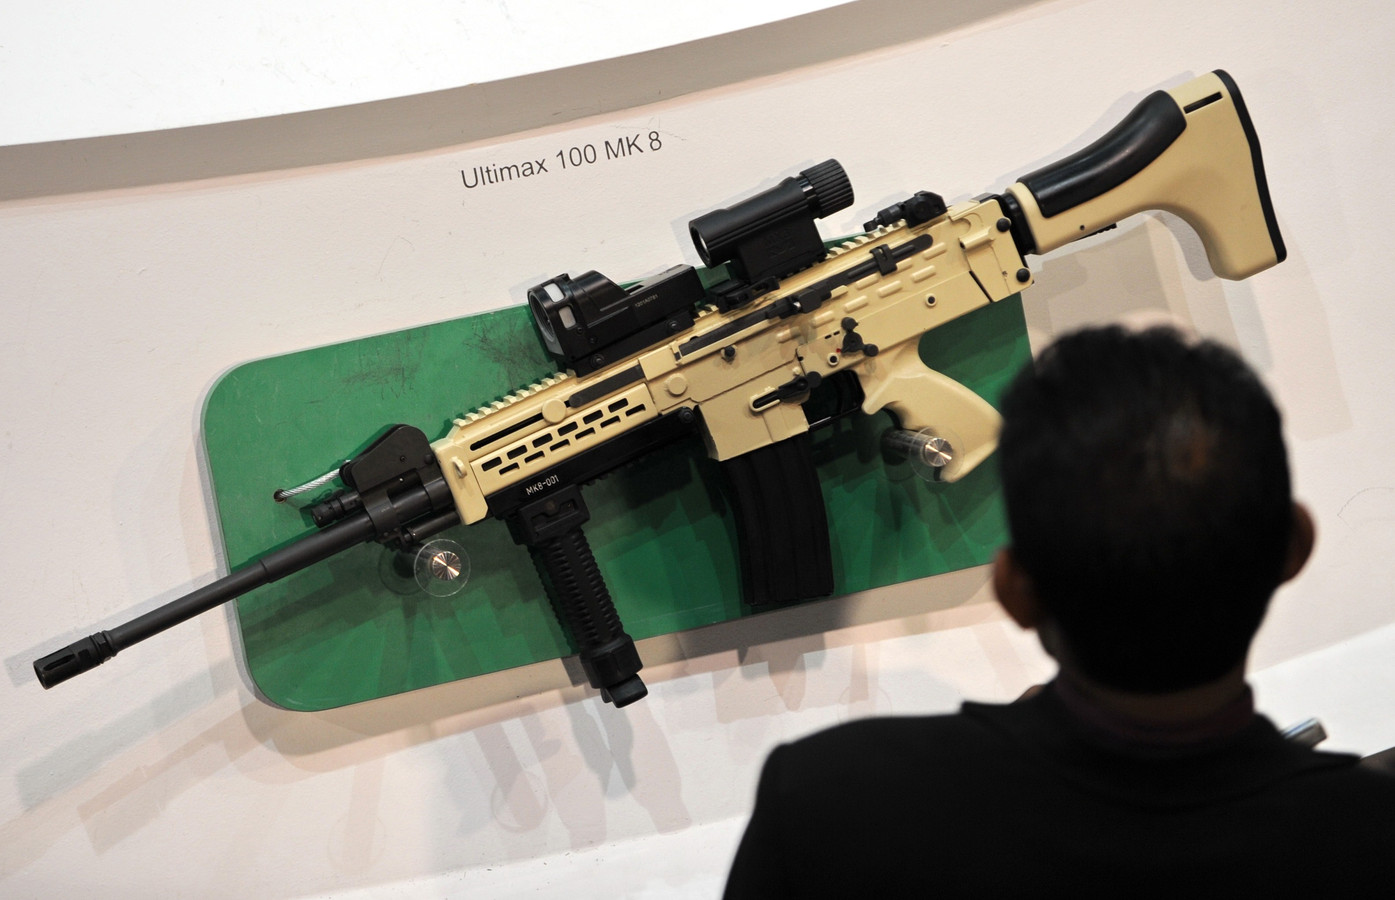 'Bindende regels over wapenhandel dichtbij' | Foto | AD.nl